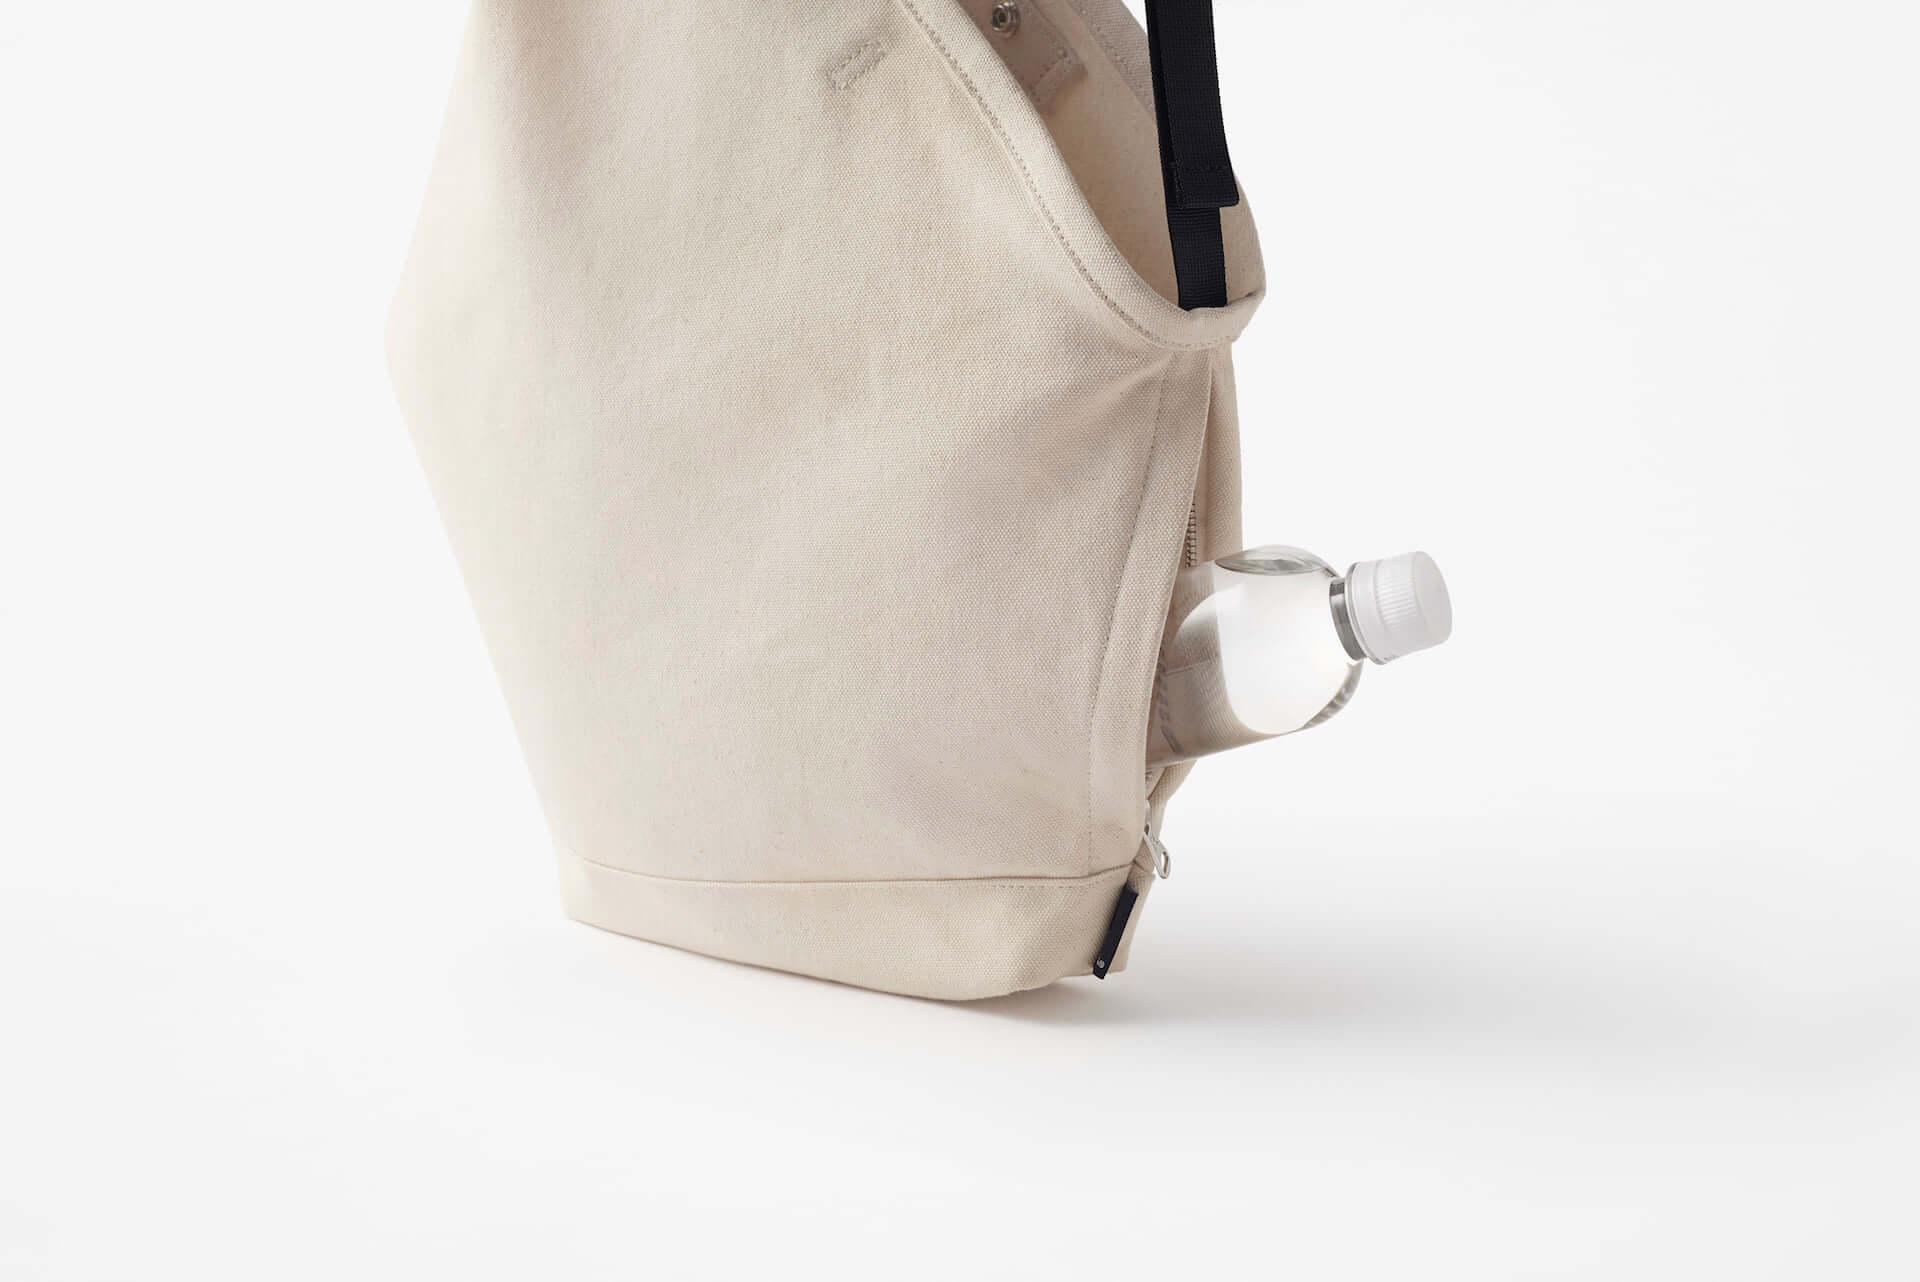 リュックとトートの利便性を兼ね備えたバッグが登場!ROOTOTEとnendoのコラボアイテム「ruck-tote」が発売 ceed77fcdb6cd1a78a9e07b9edbd8c36-1920x1282